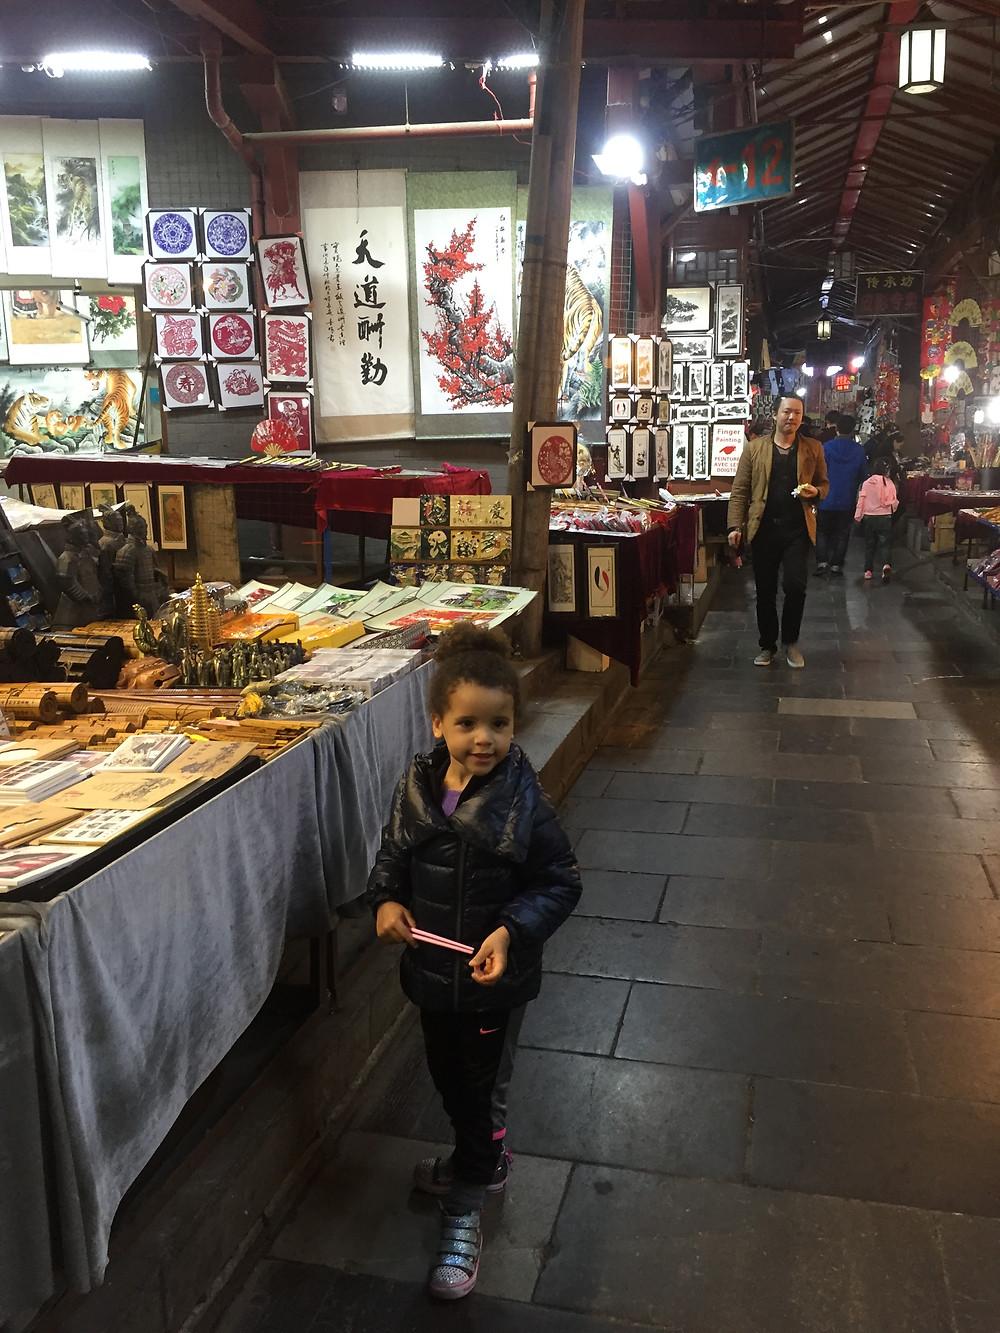 Muslim quarter market in Xi'an